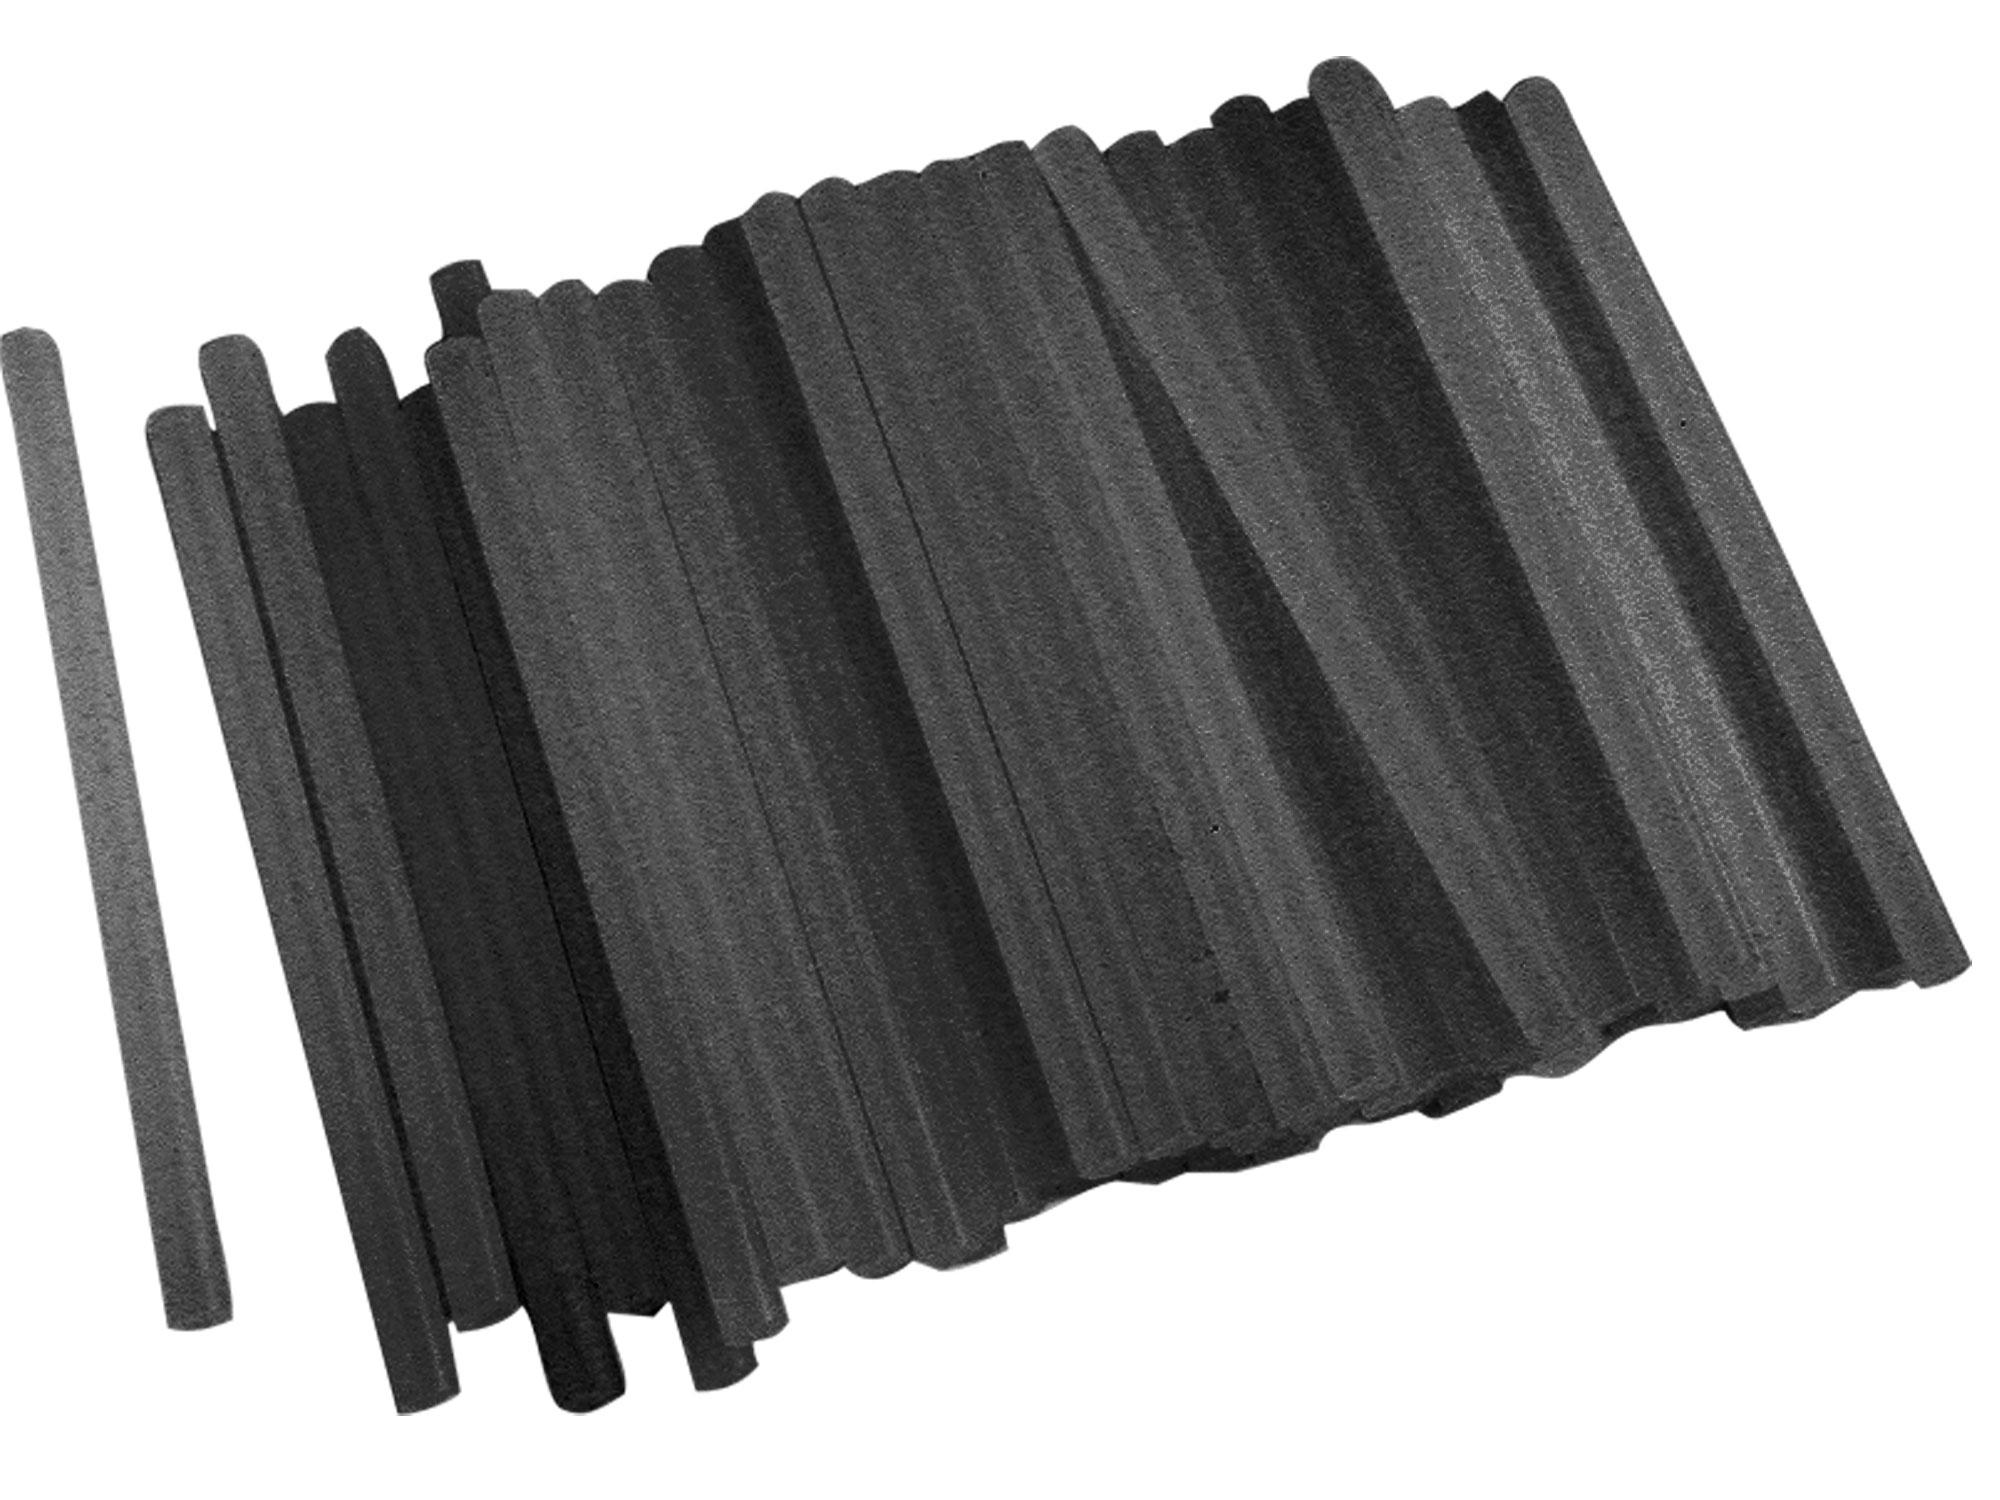 tyčinky tavné, černá barva, O 11x200mm, 1kg